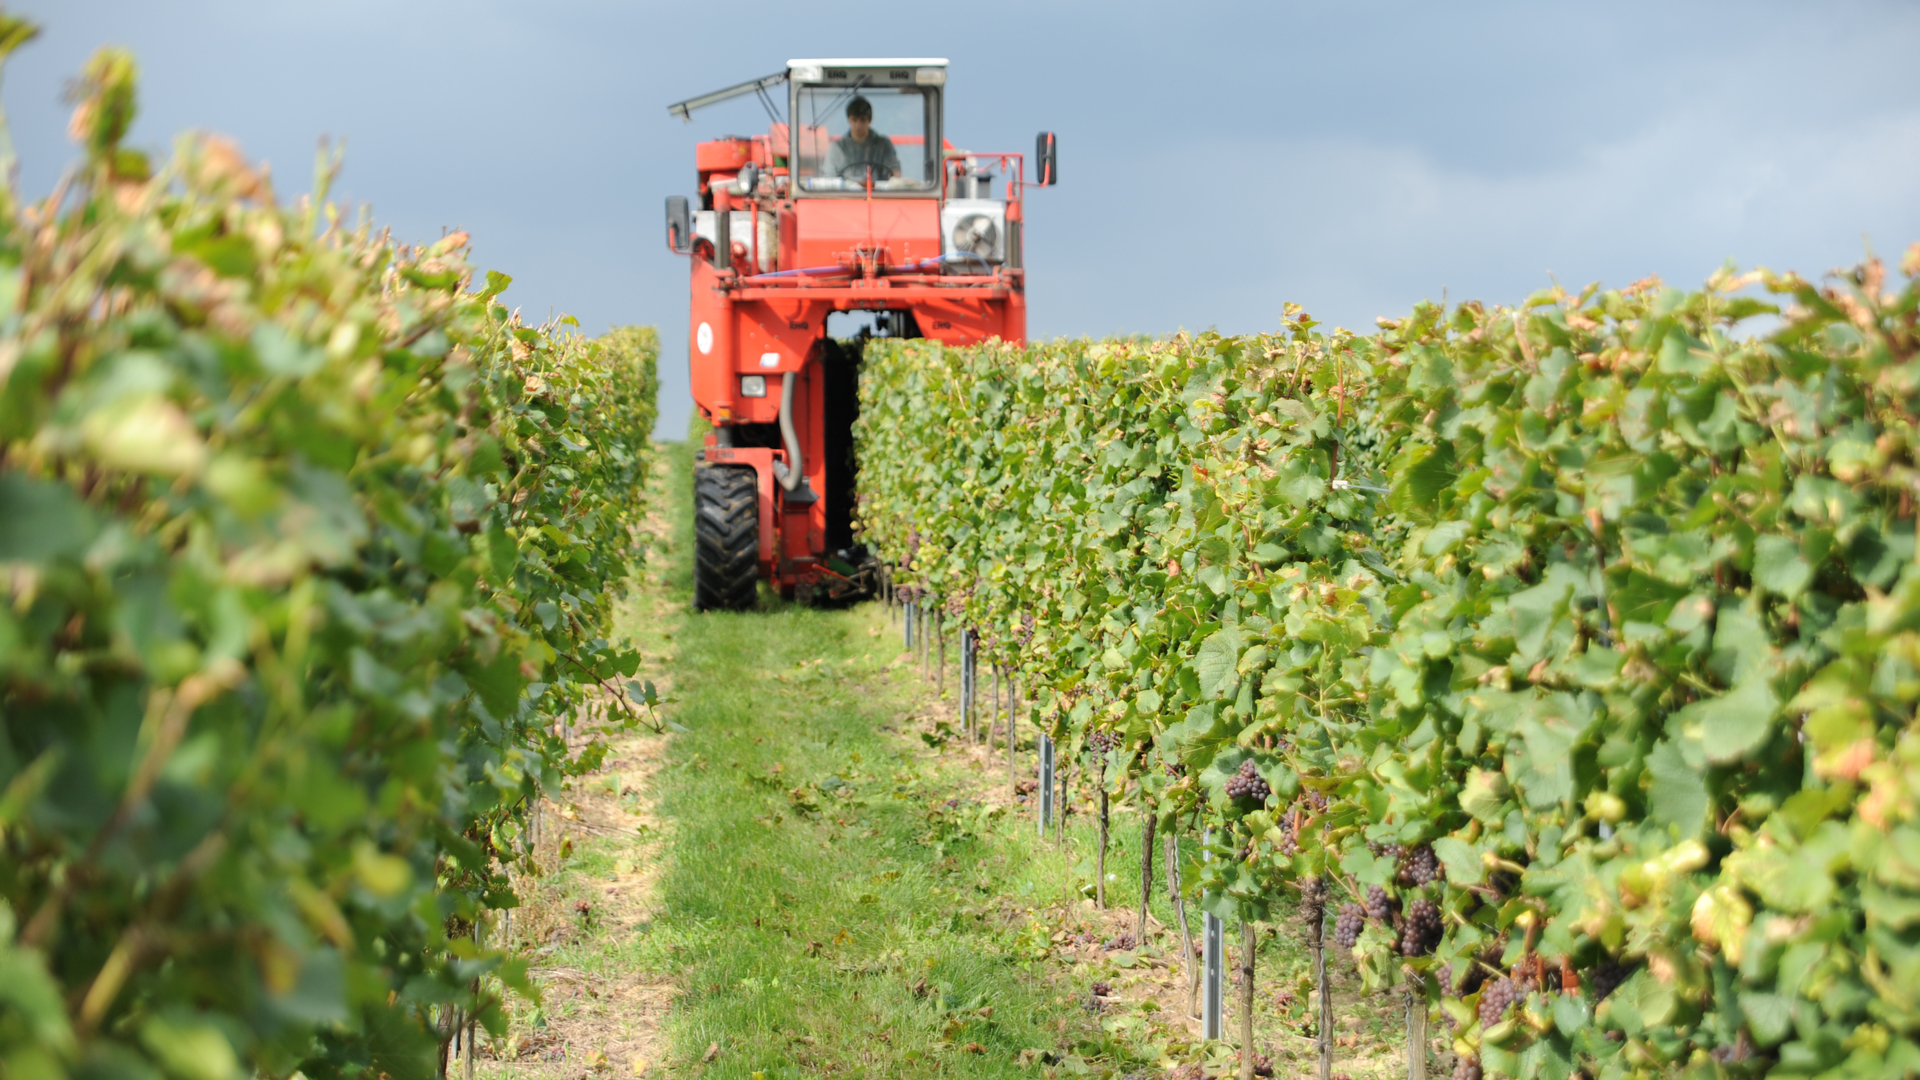 Der Vollernter rüttelt die reifen Früchte von den Weinstöcken.